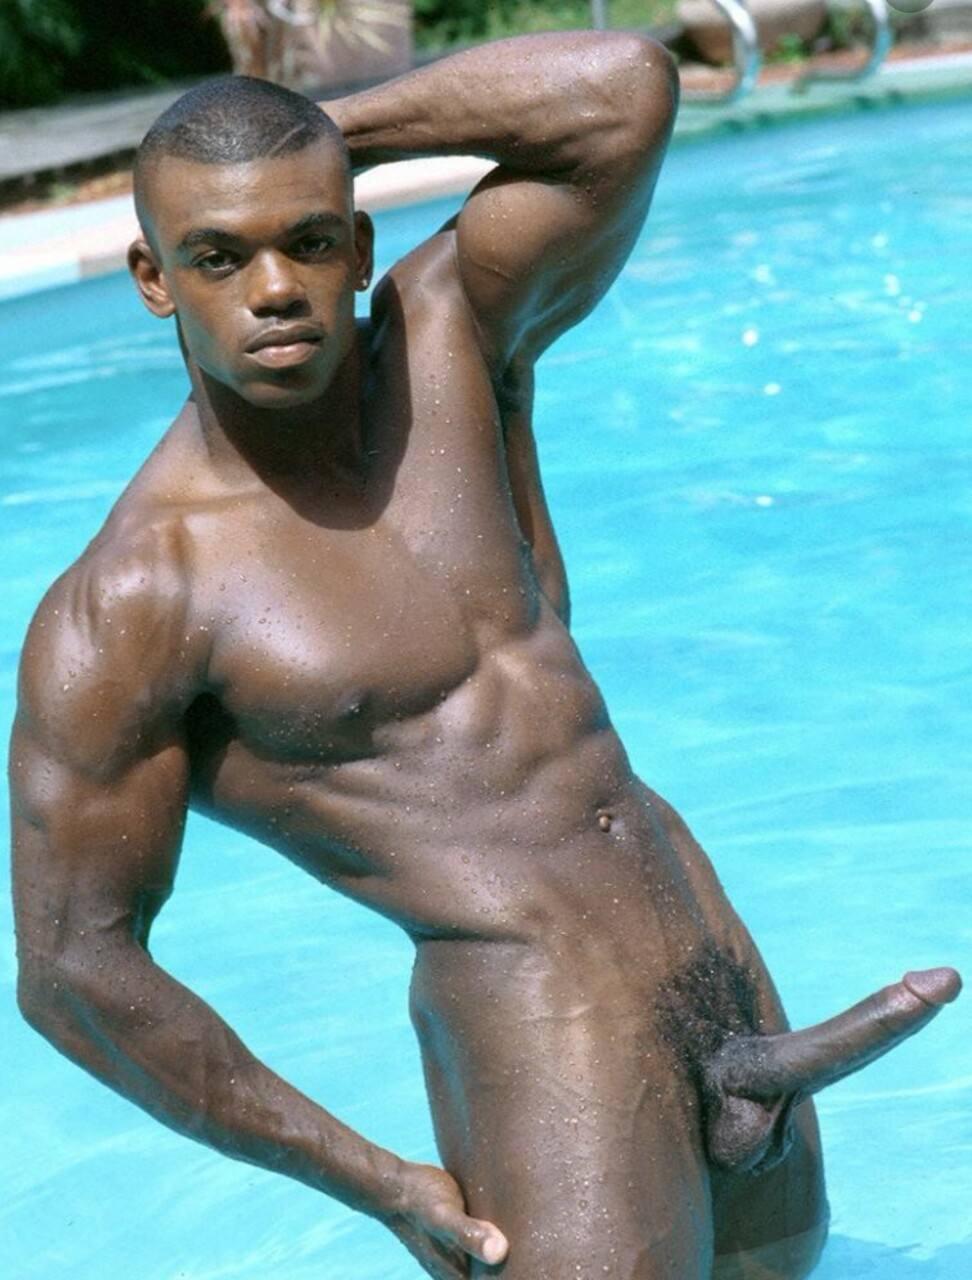 фото голых черных мужчин